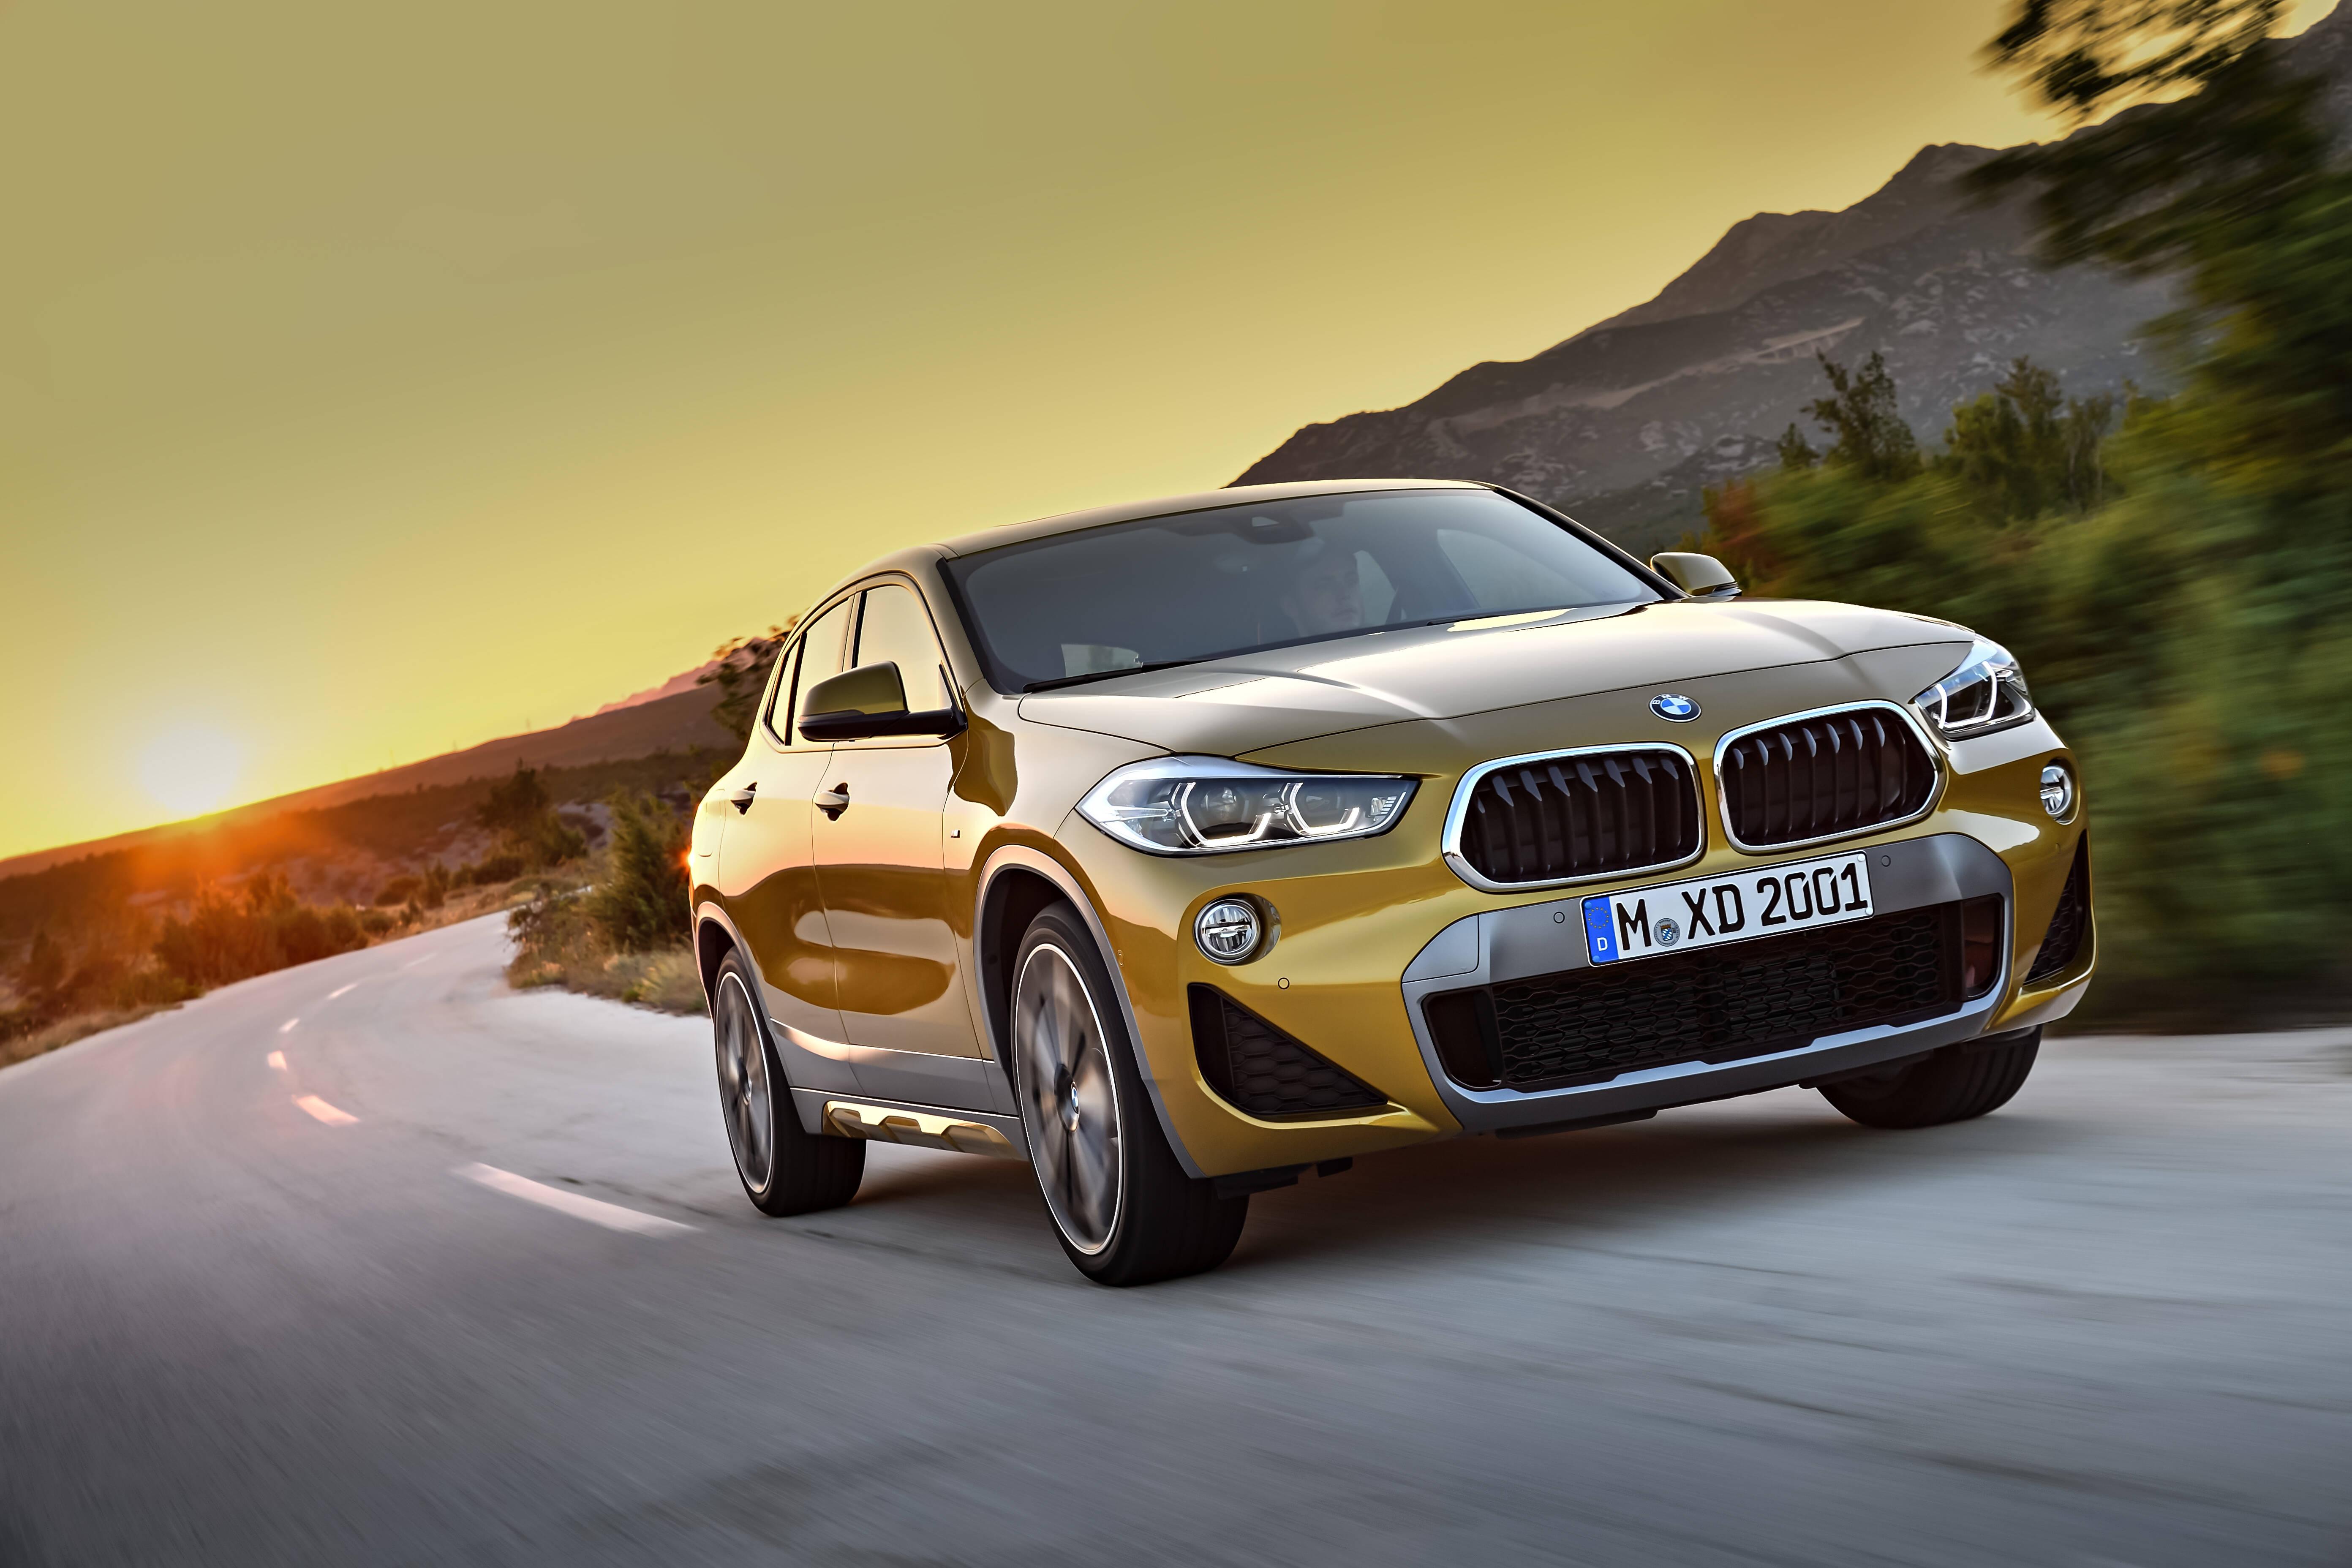 BMW X2: novo modelo tem forte apelo esportivo e se aproxima mais de um hatch do que de um SUV tradicional. Foto: Divulgação